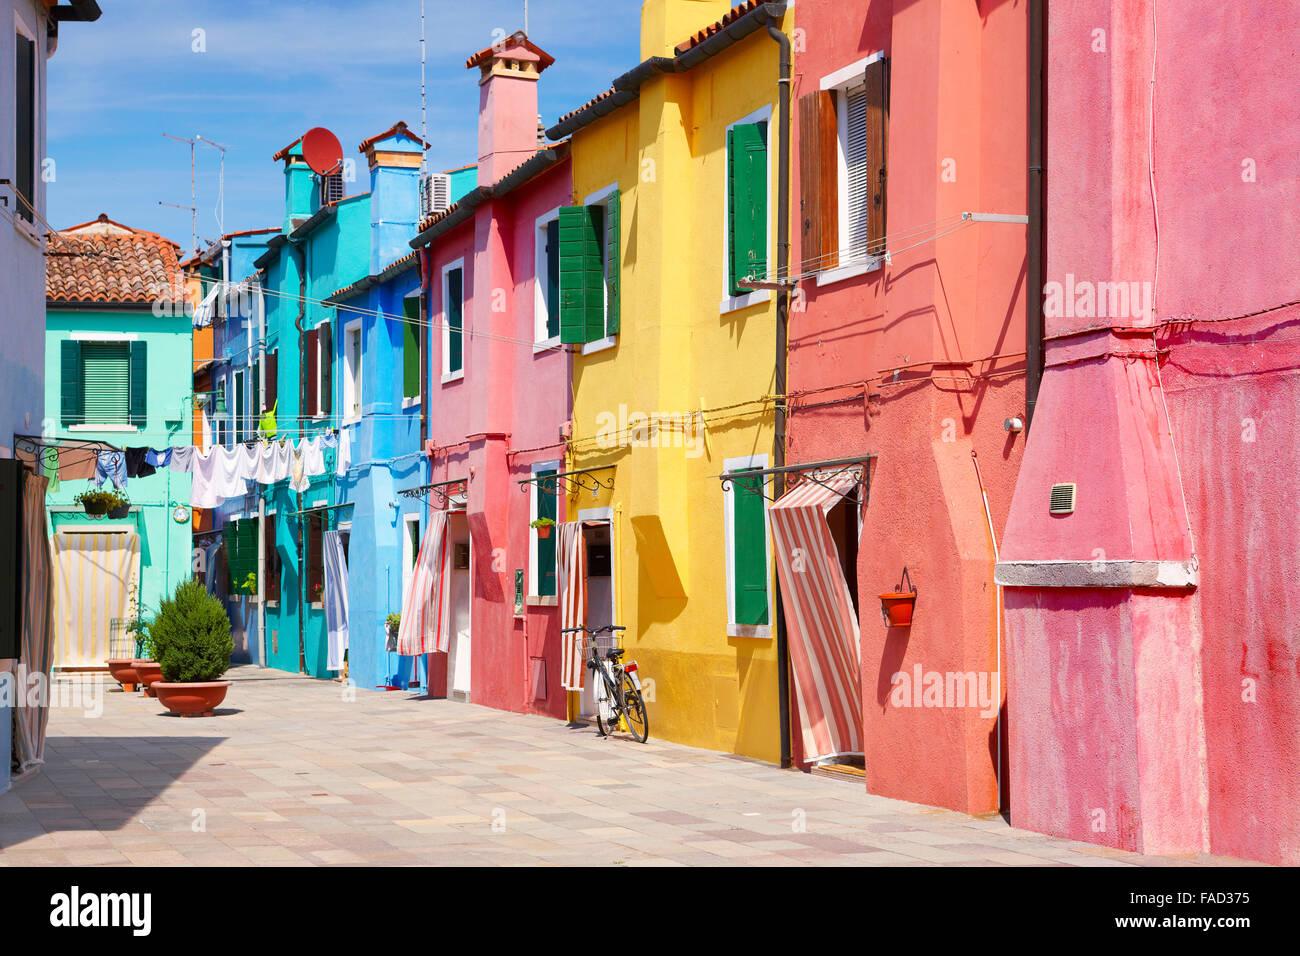 Charakteristischen bunten Häuser im Dorf von Burano in der Nähe von Venedig in Italien (Lagune Insel Burano), Stockbild